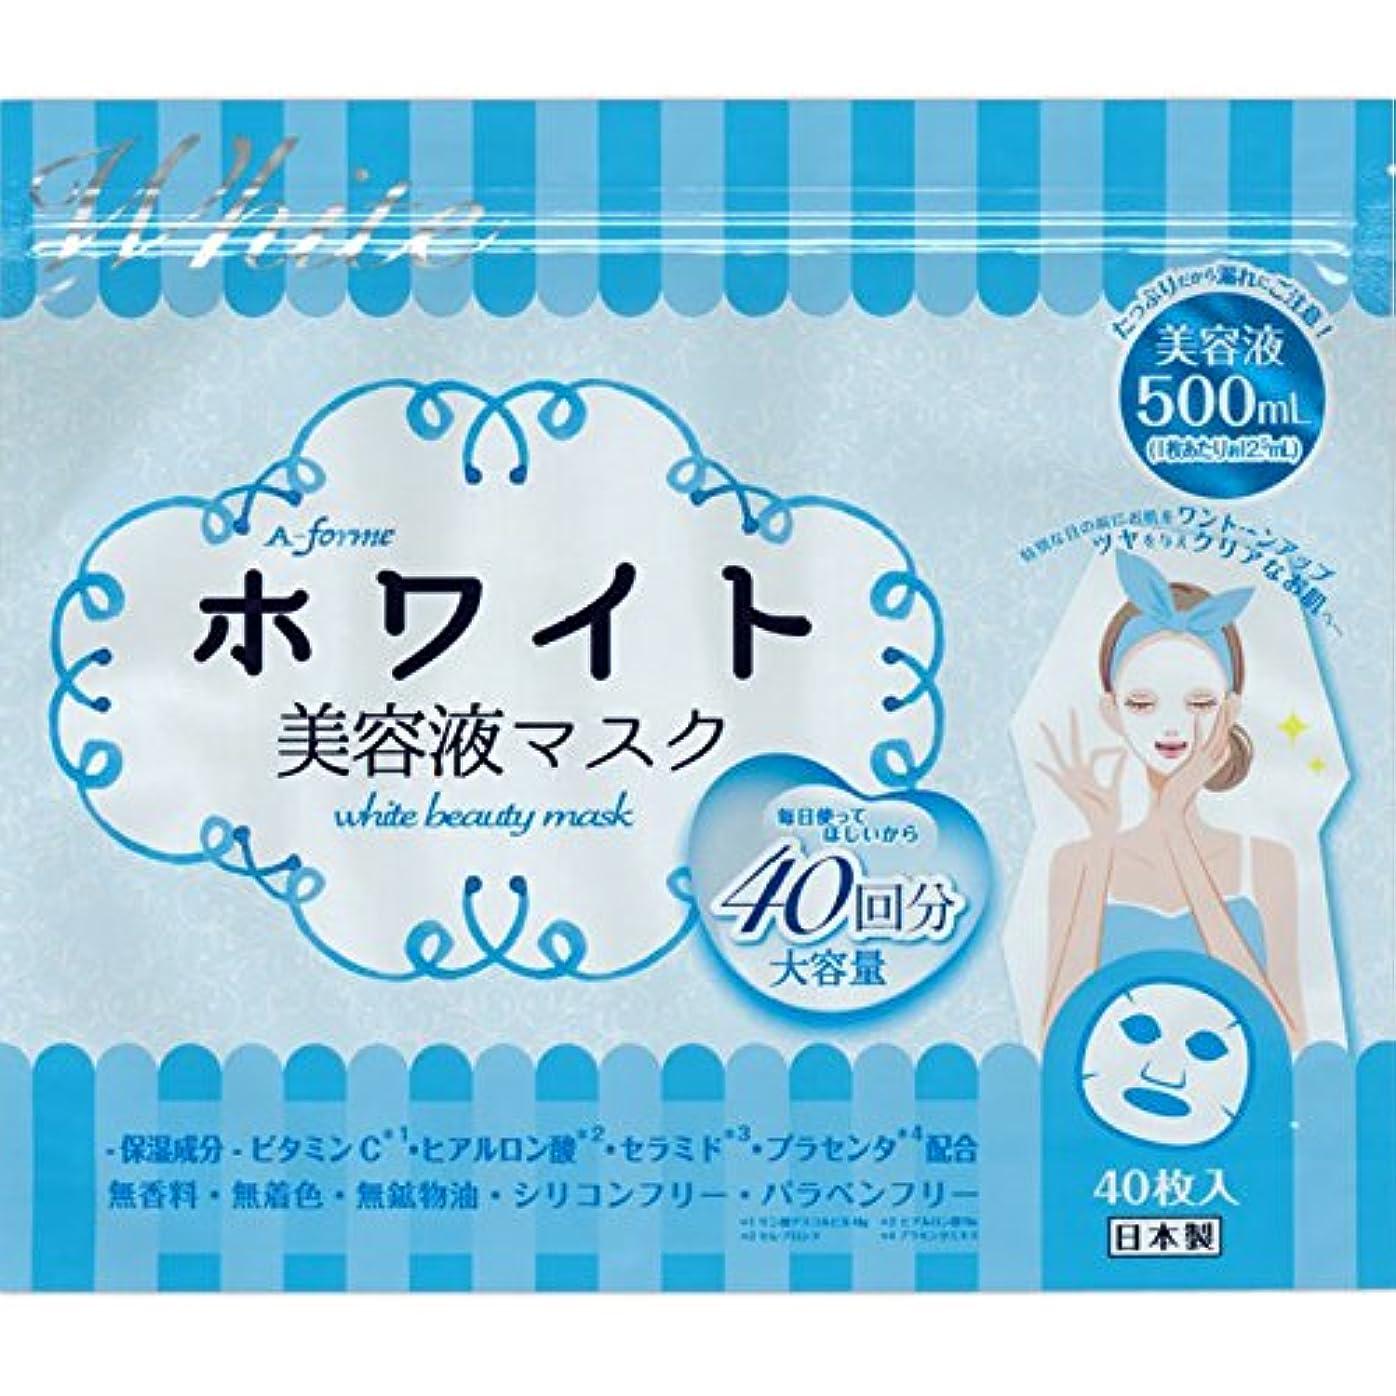 シリーズ概要ムスタチオエーフォルム ホワイト美容液マスク40枚×7